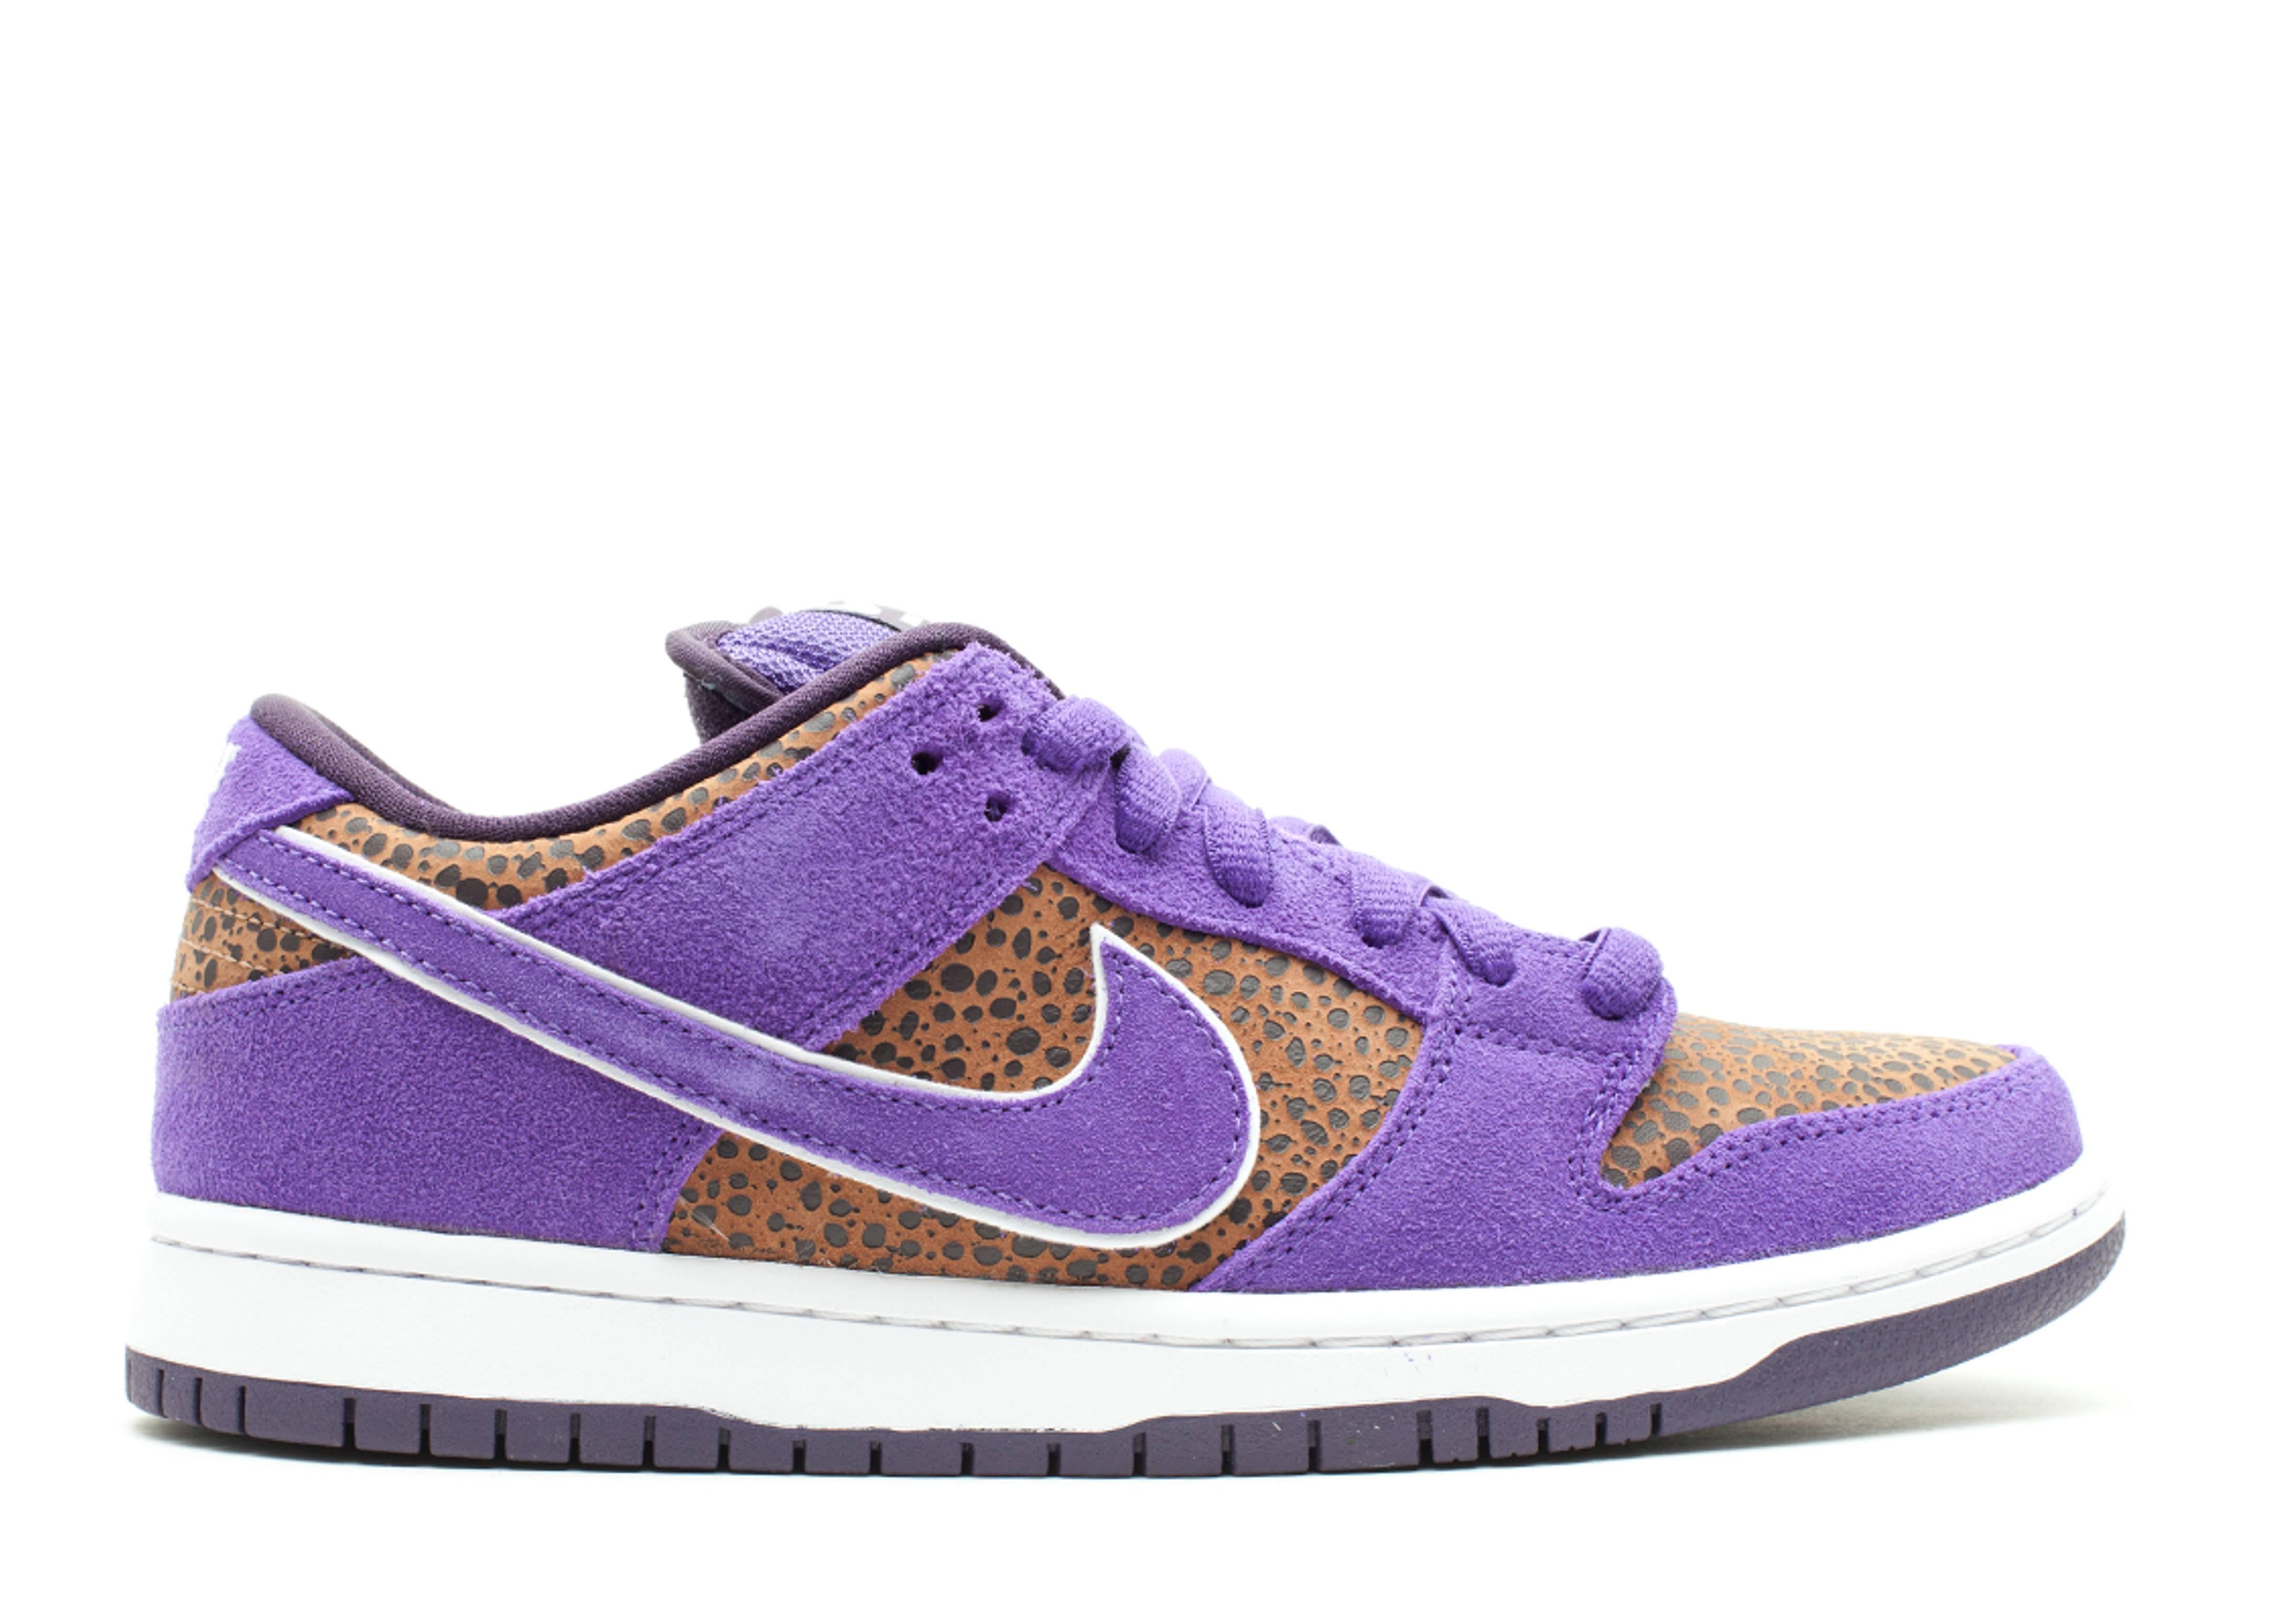 size 40 763bf 68534 Dunk Low Premium Sb - Nike - 313170 200 - bison/varsity purple ...